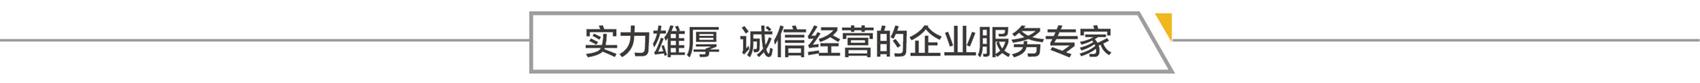 产品��demo_10.jpg